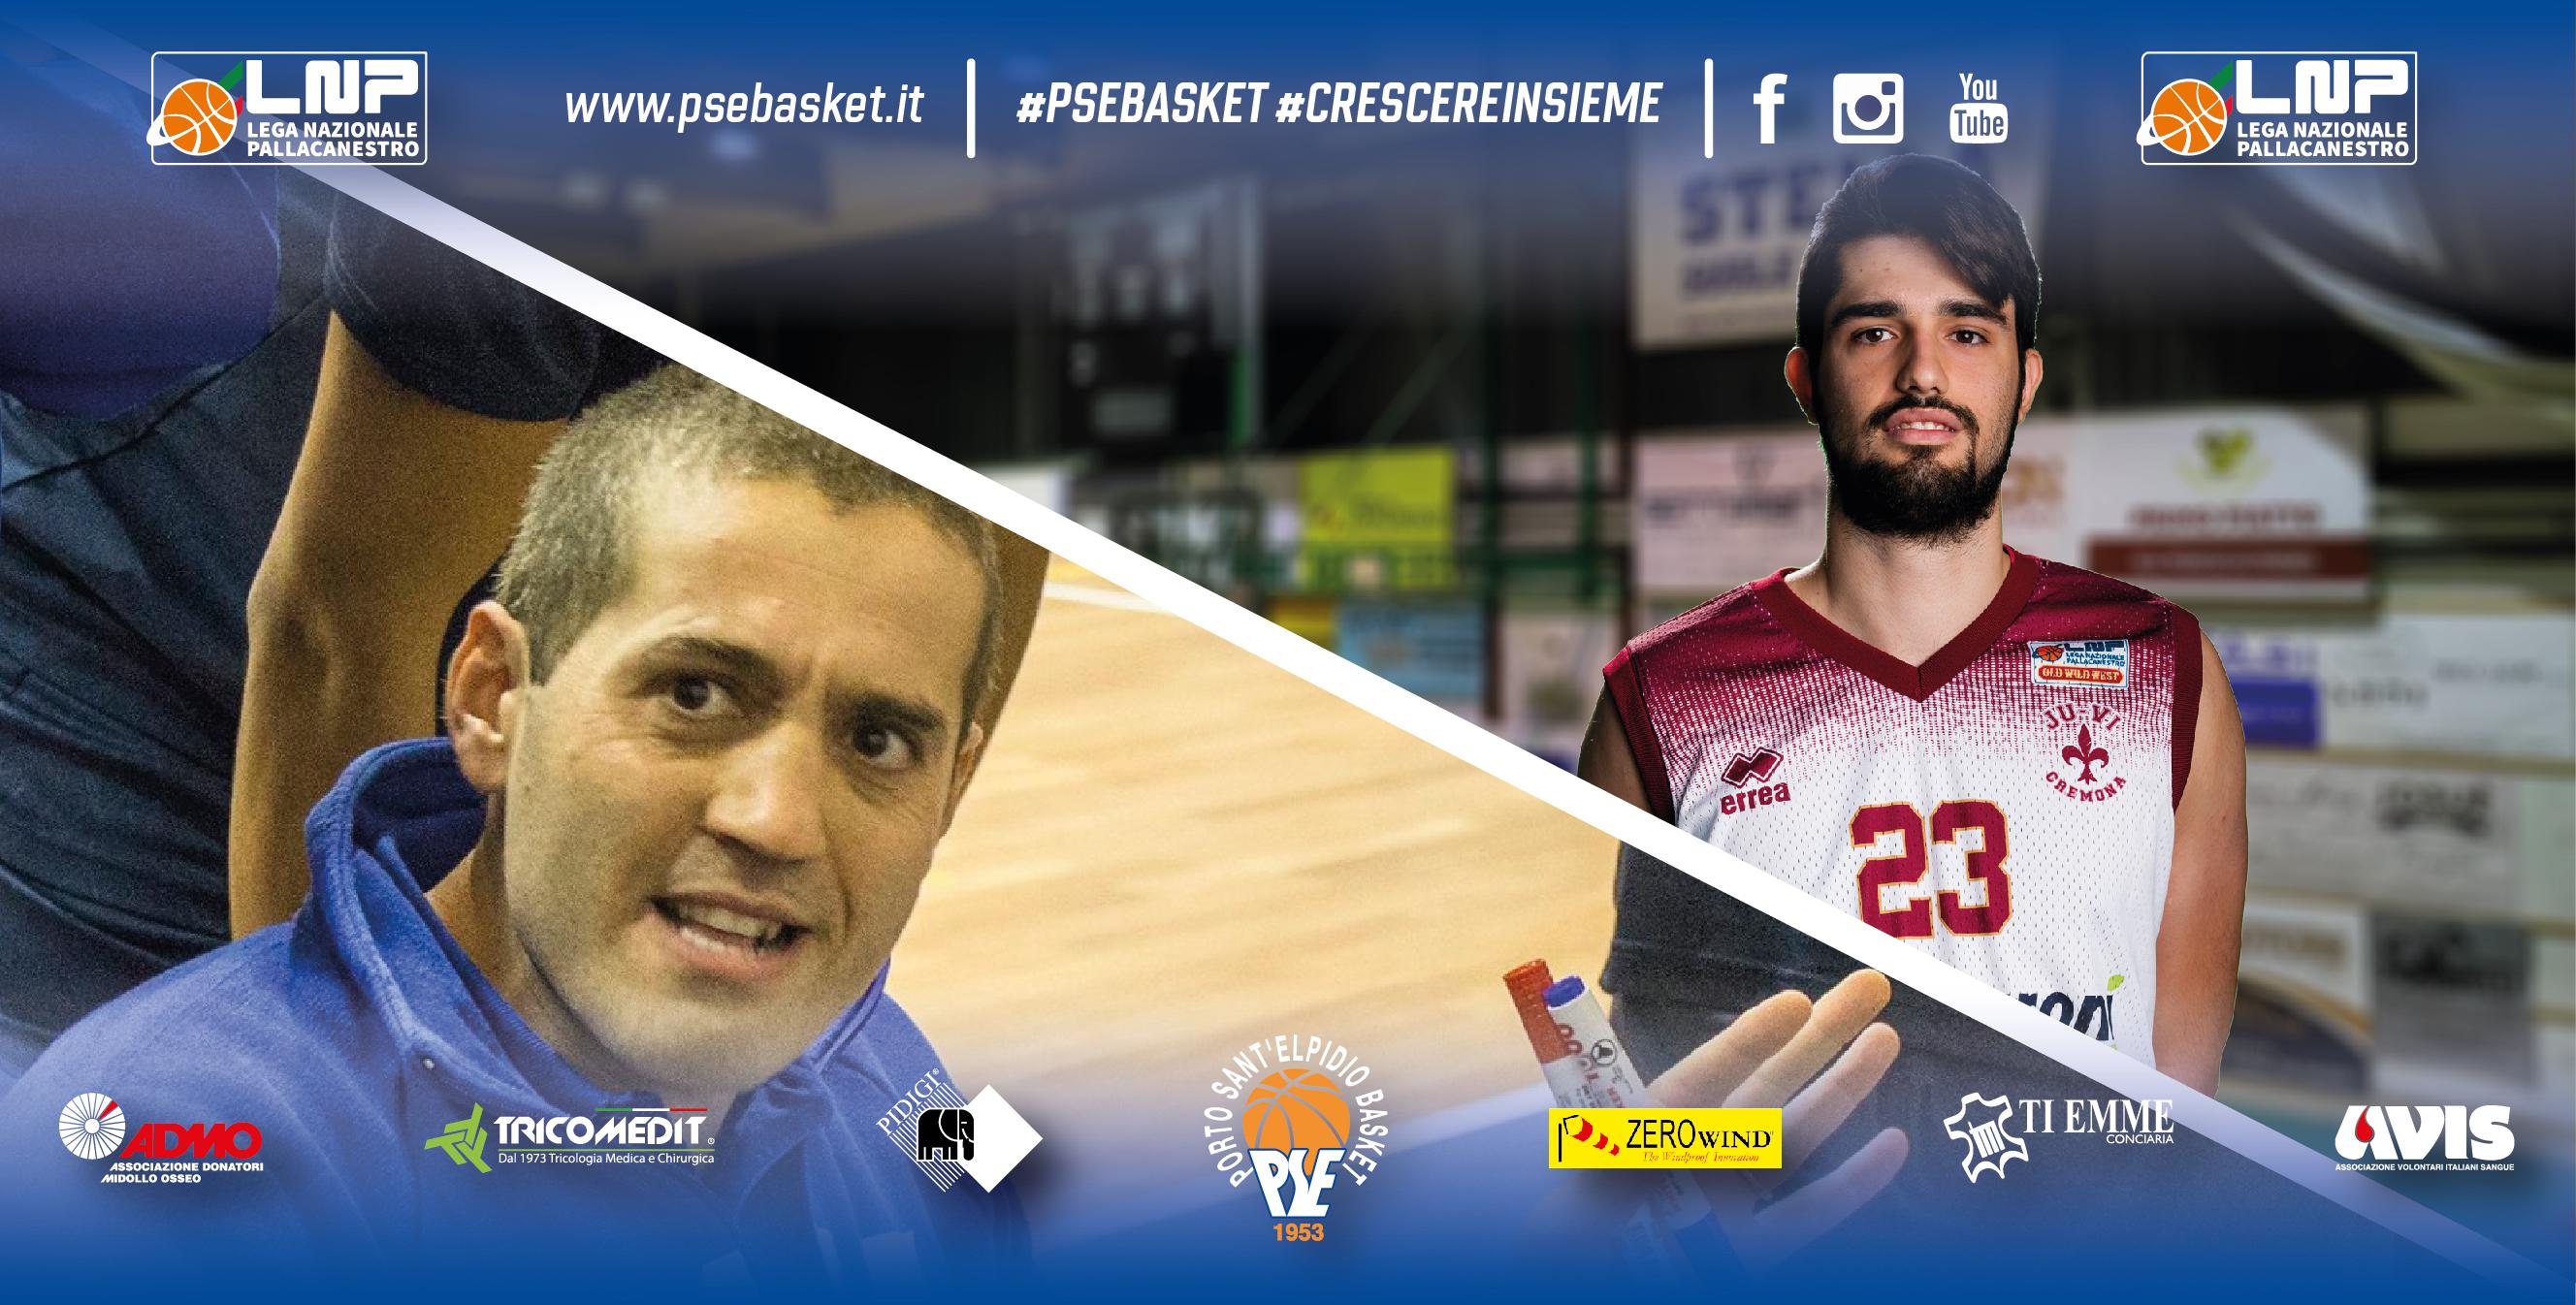 Coach Pizi torna alla guida del P.S.Elpidio Basket, in arrivo Alessandro Esposito